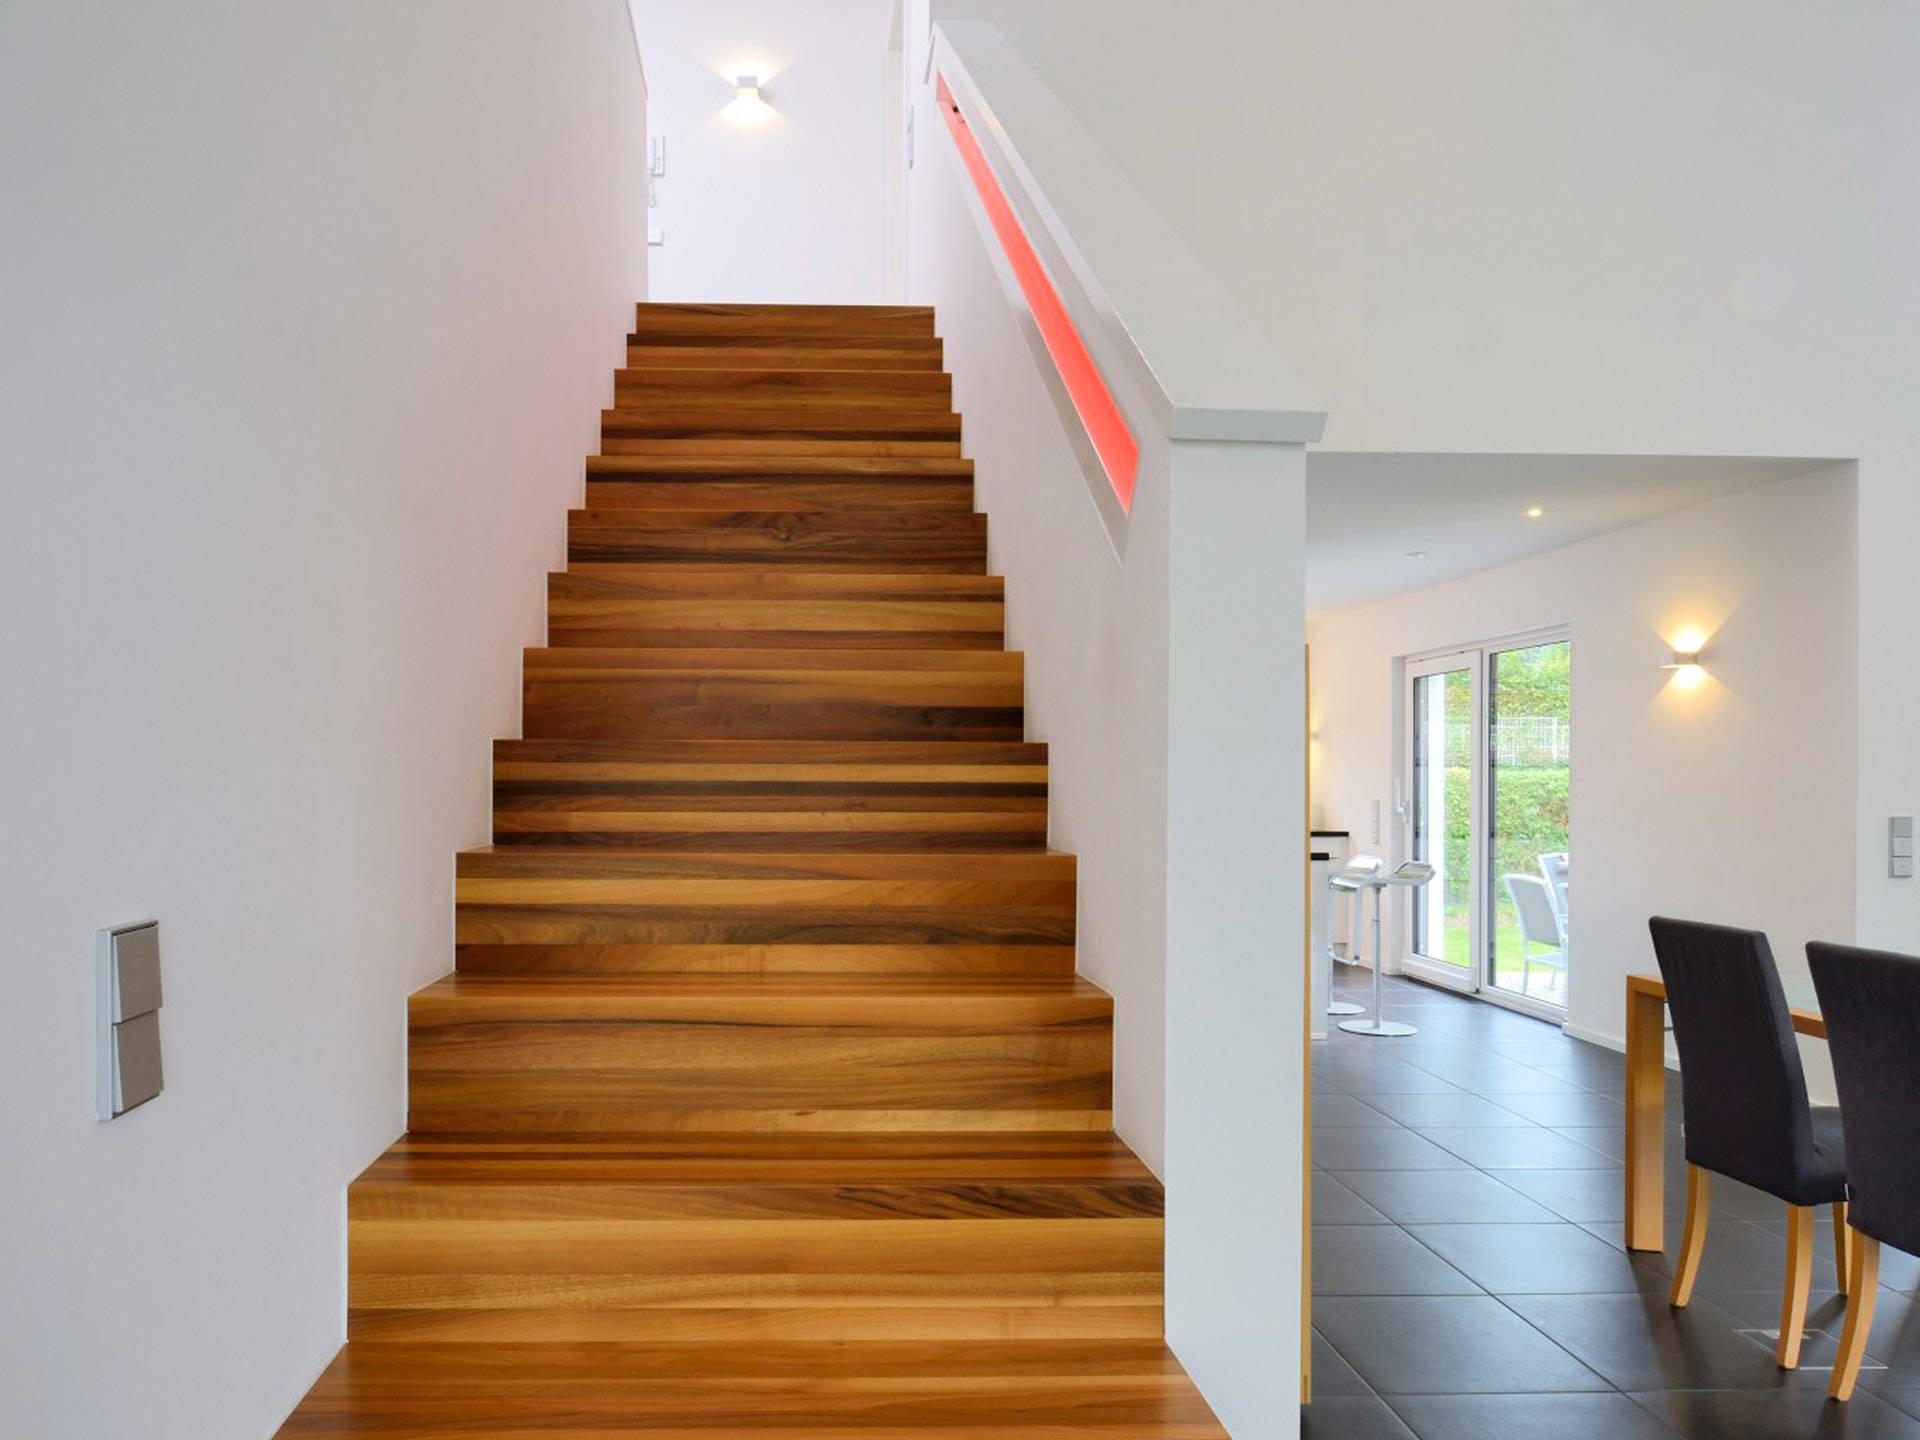 arcus treppen arcus treppen gmbh with arcus treppen fld. Black Bedroom Furniture Sets. Home Design Ideas